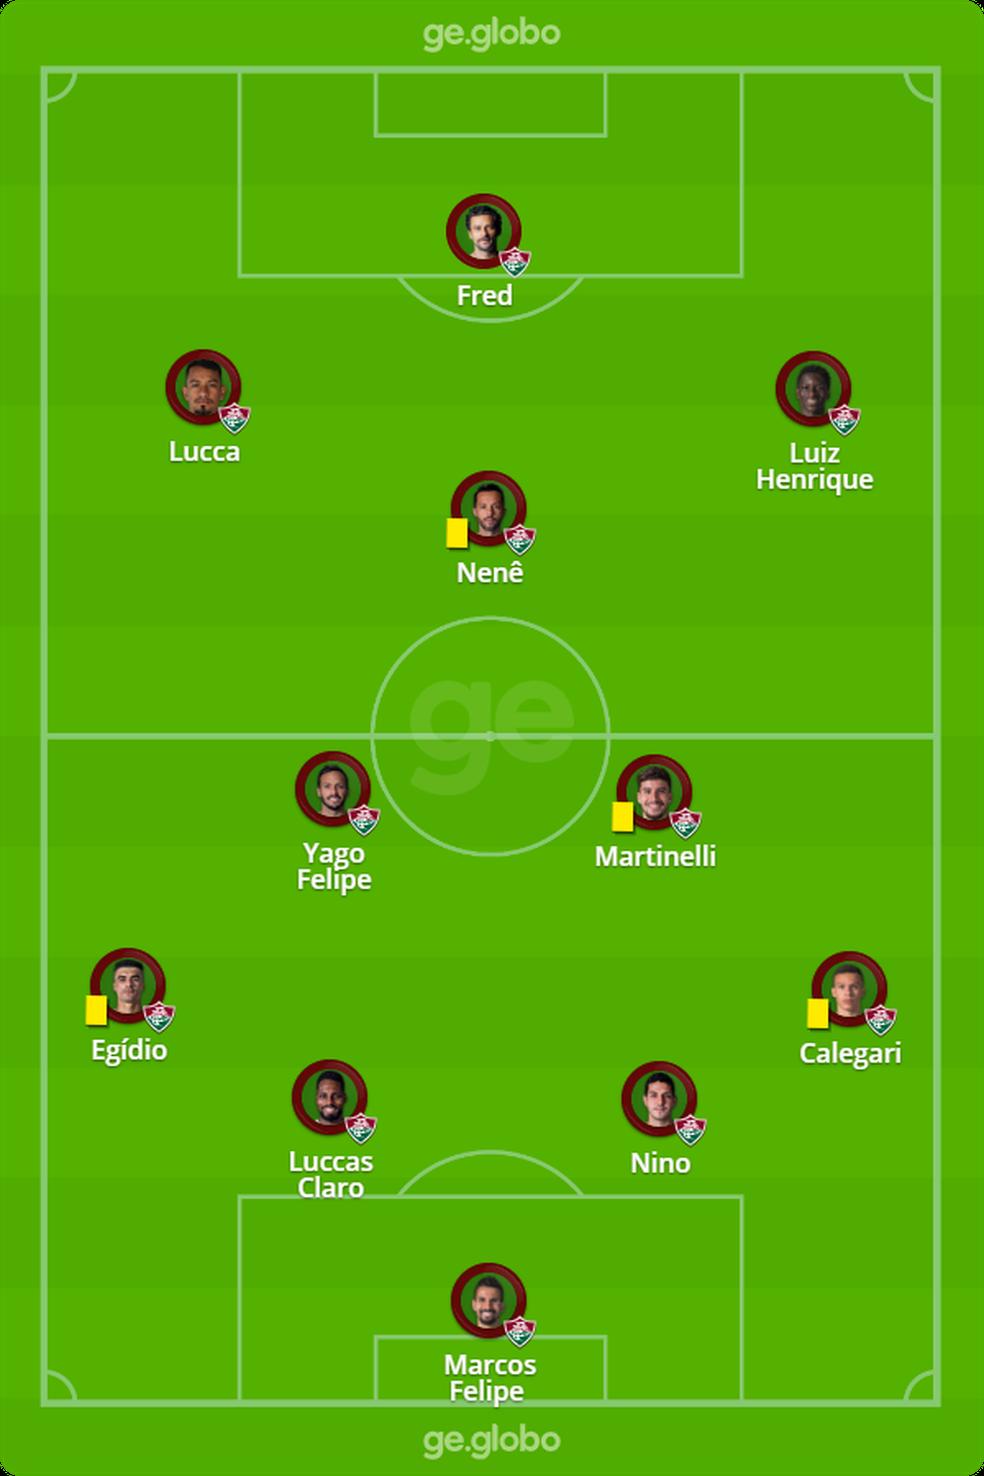 Provável escalação do Fluminense — Foto: ge.globo